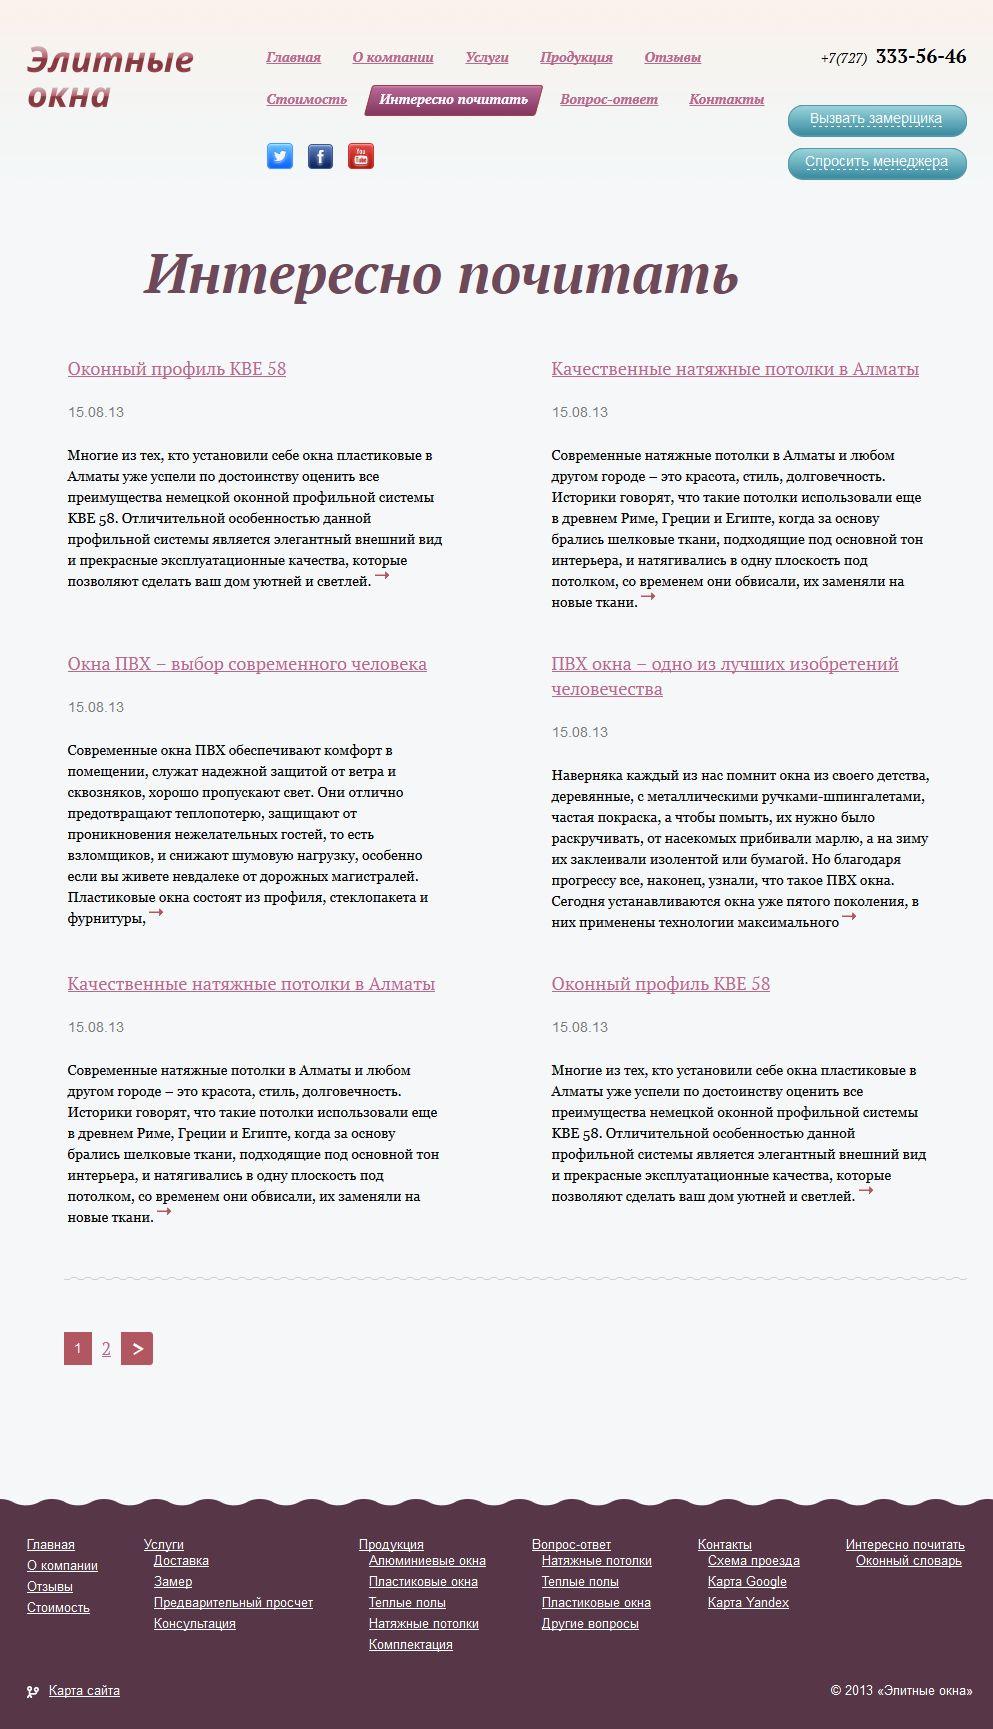 Лучшие сайты от компании Jnetwork